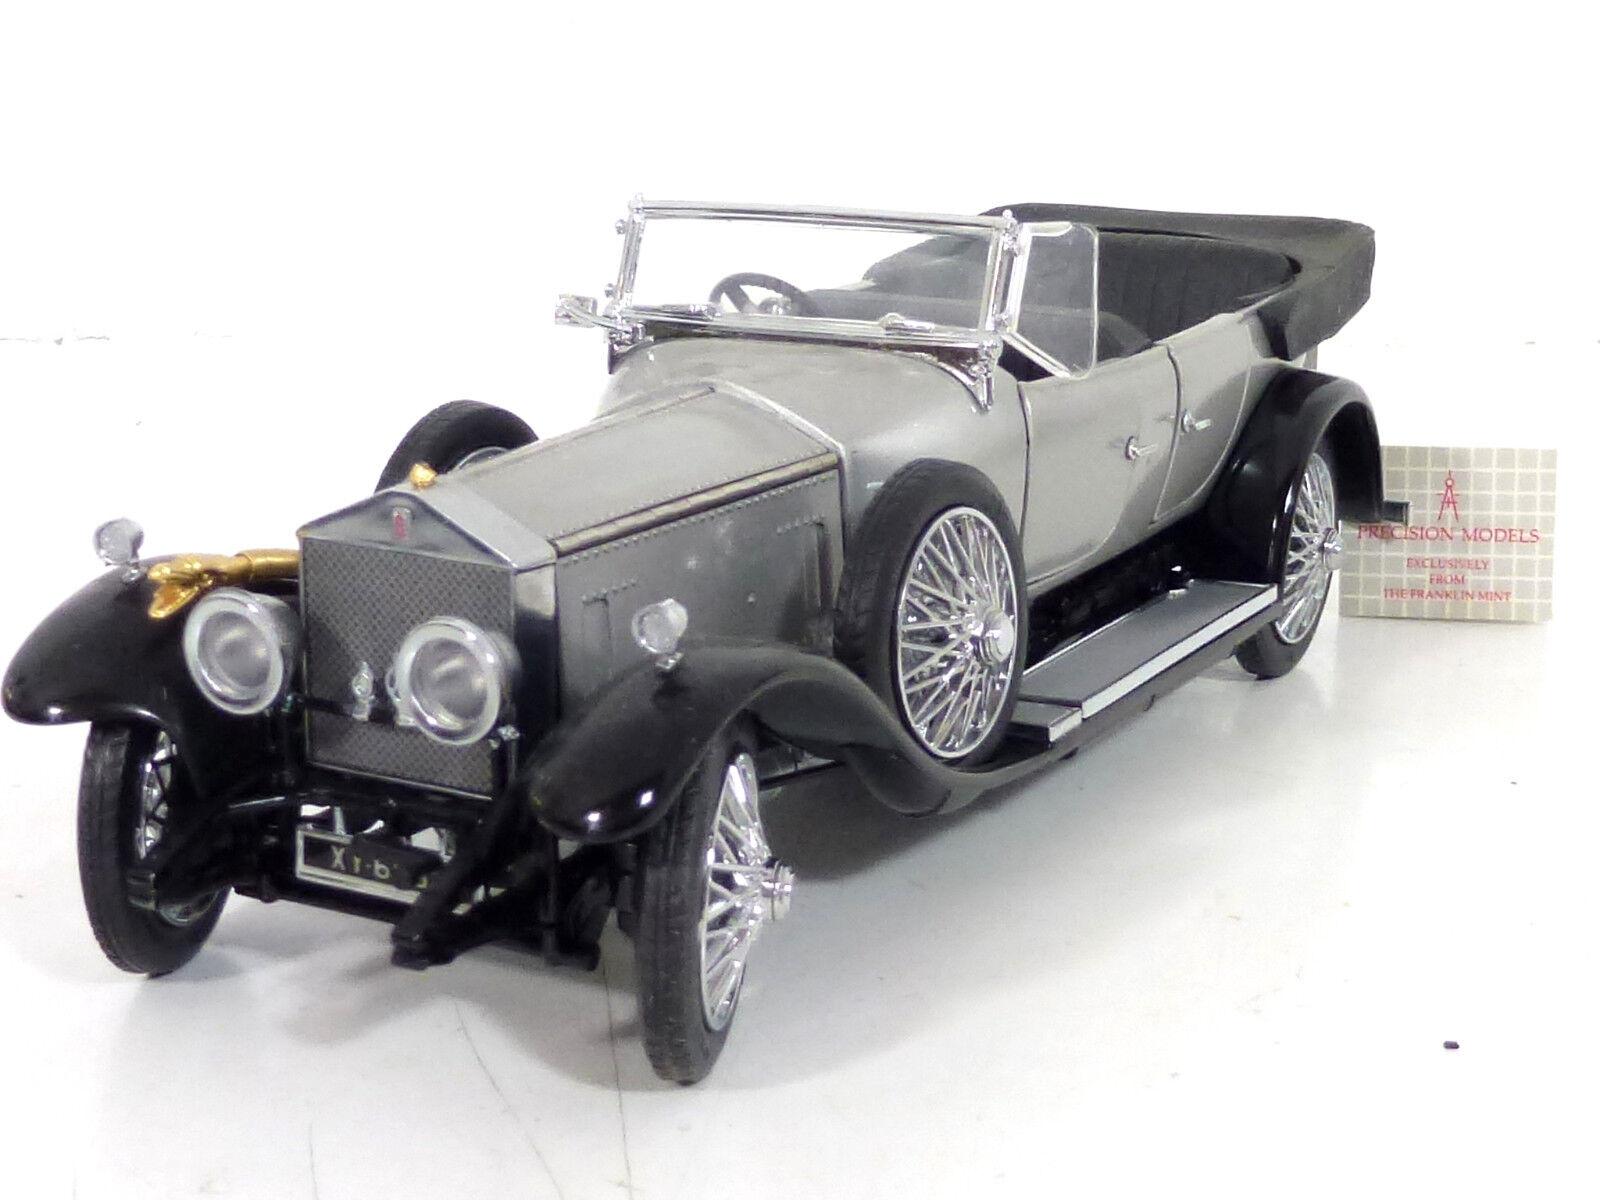 Franklin Mint Rolls Royce Silver Ghost 1925 Model Car 1 24 Blank Top